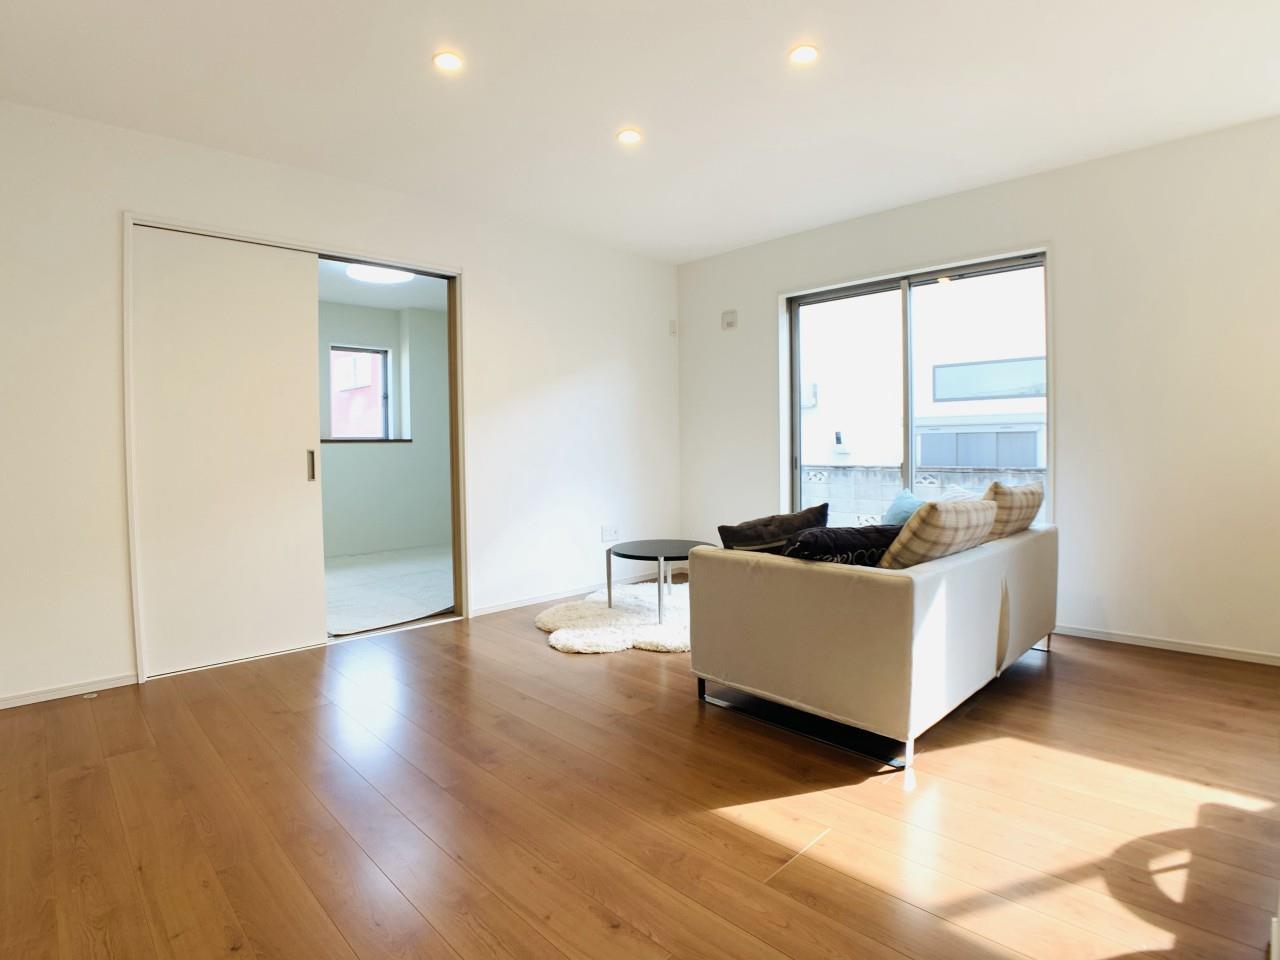 リビングと続き間の和室は、広々6帖の空間♪室内物干しループを備え付けた、暮らしに嬉しい1部屋です。